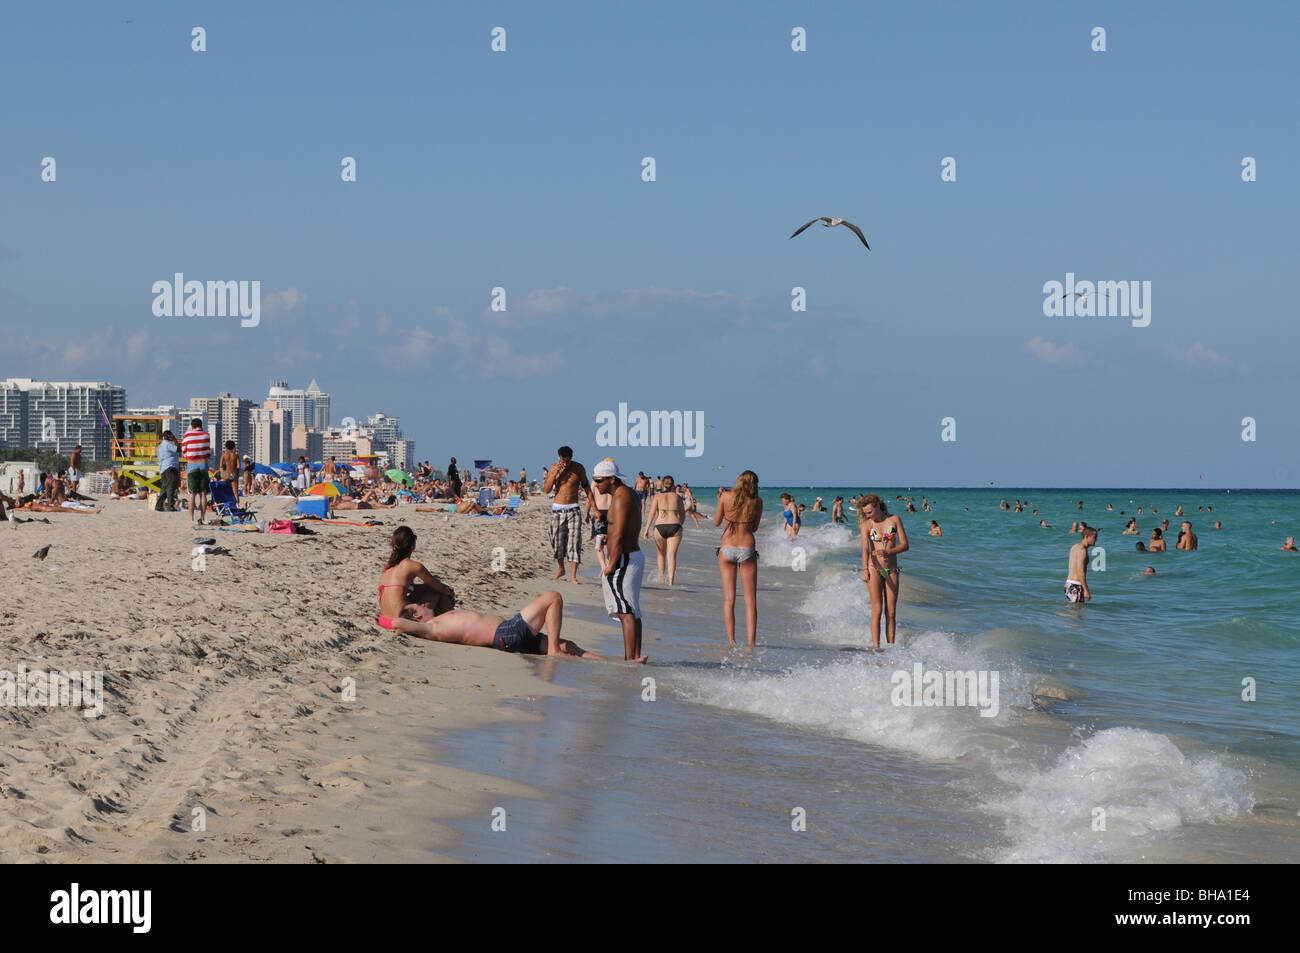 Nikki Beach Miami Miami Beach Fl  Usa